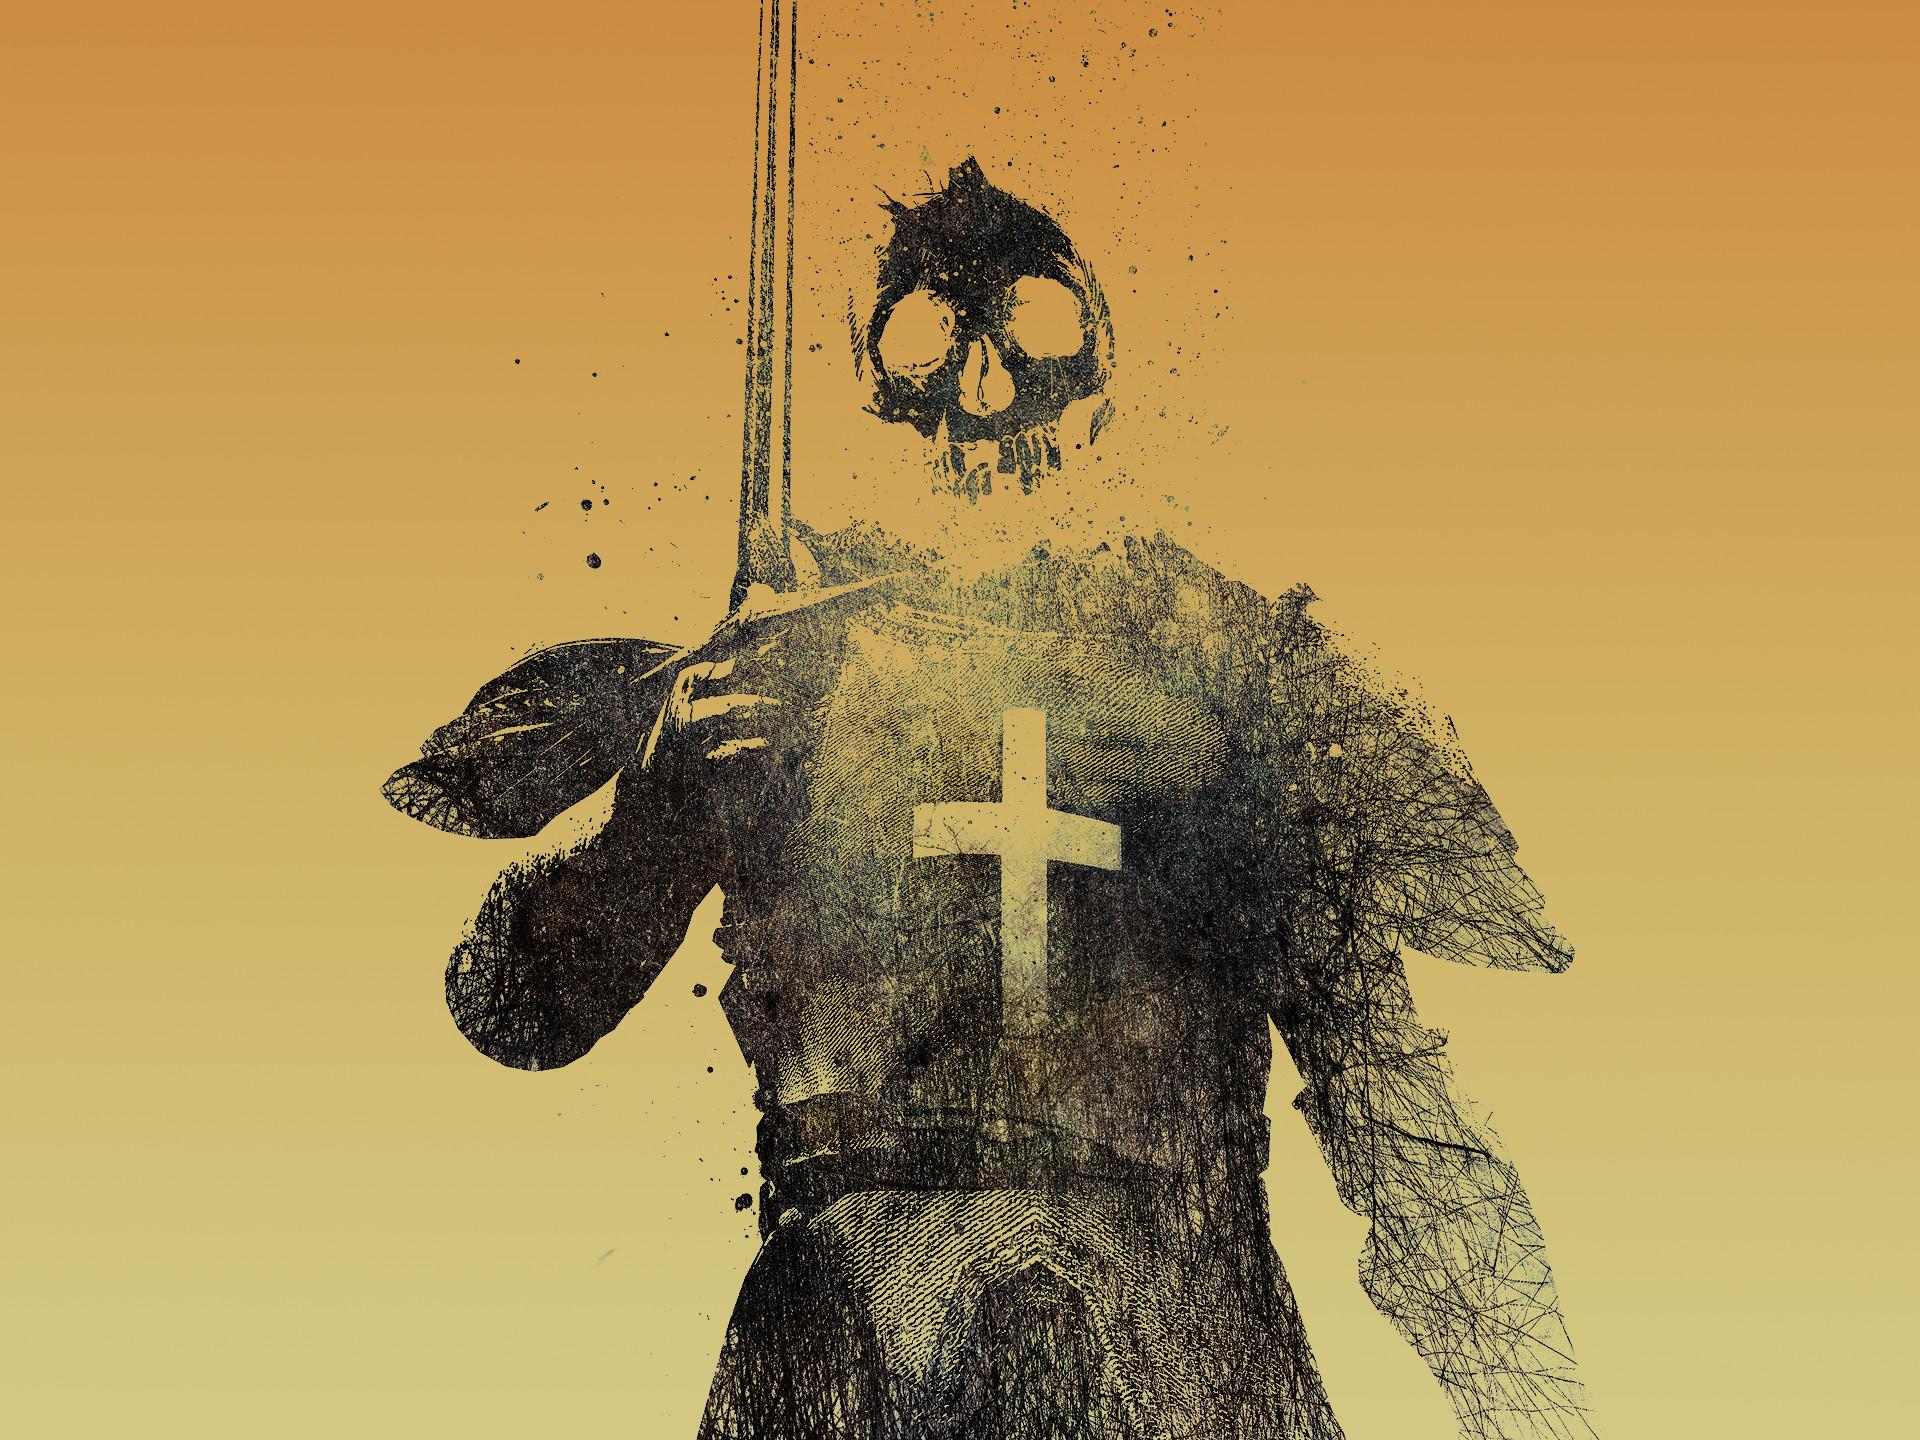 … alex cherry knights skull and crossbones skulls walldevil …